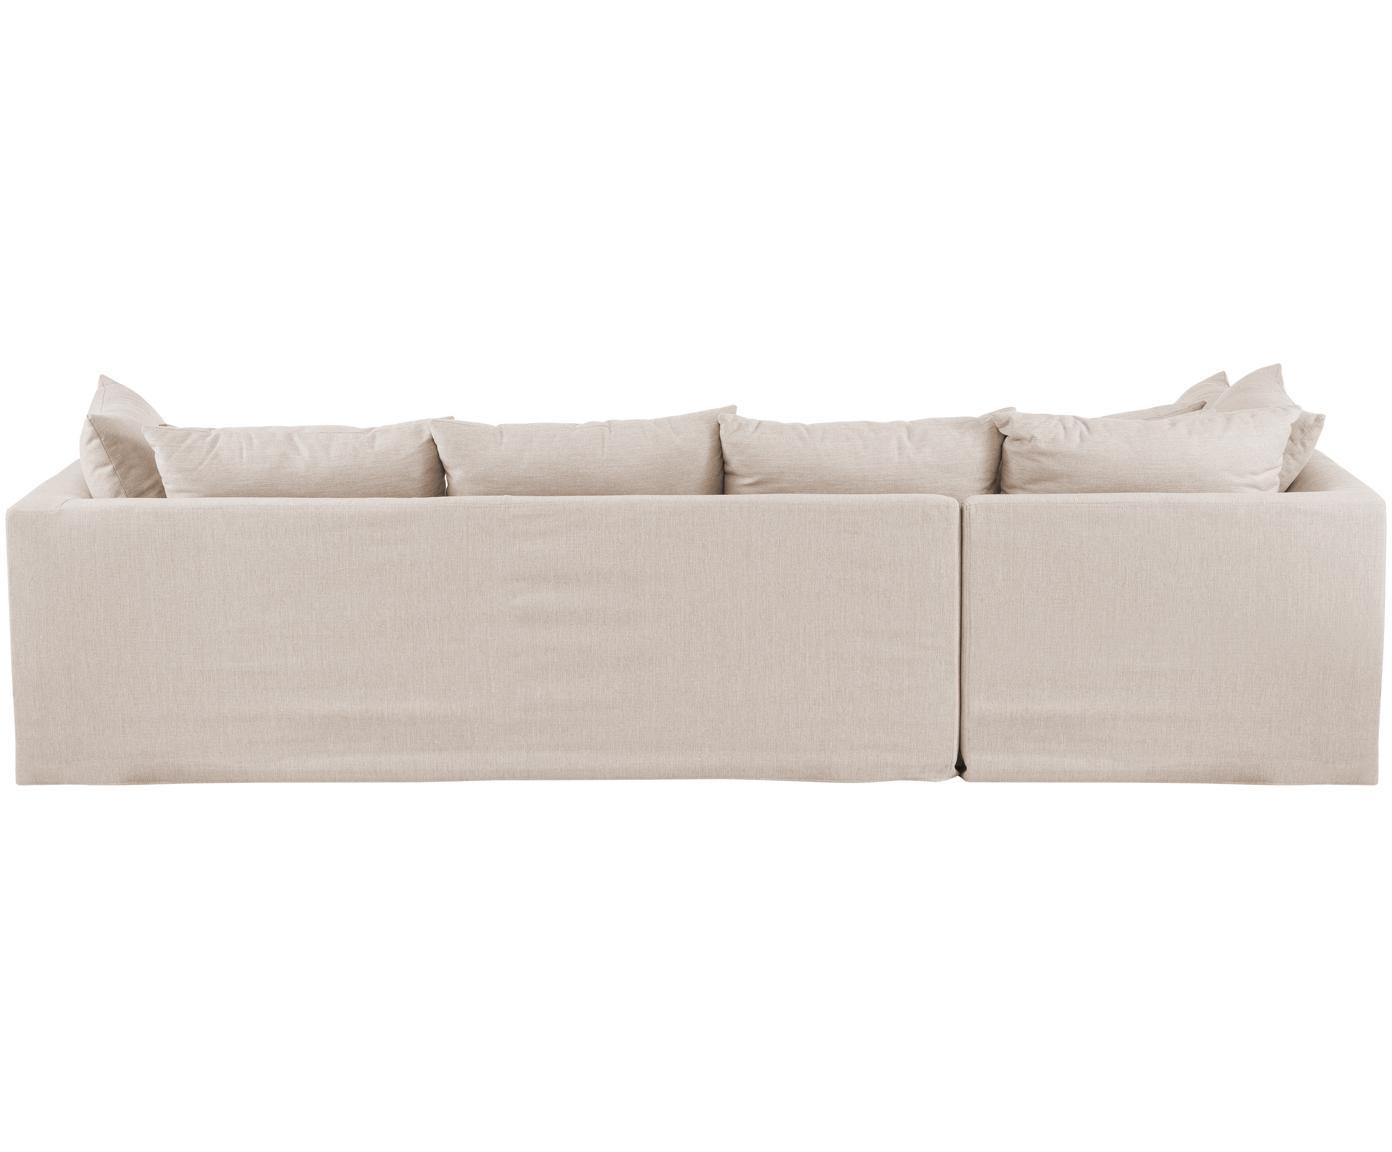 Hoekbank Zach, Bekleding: polypropyleen, Poten: kunststof, Geweven stof beige, B 300 x D 213 cm